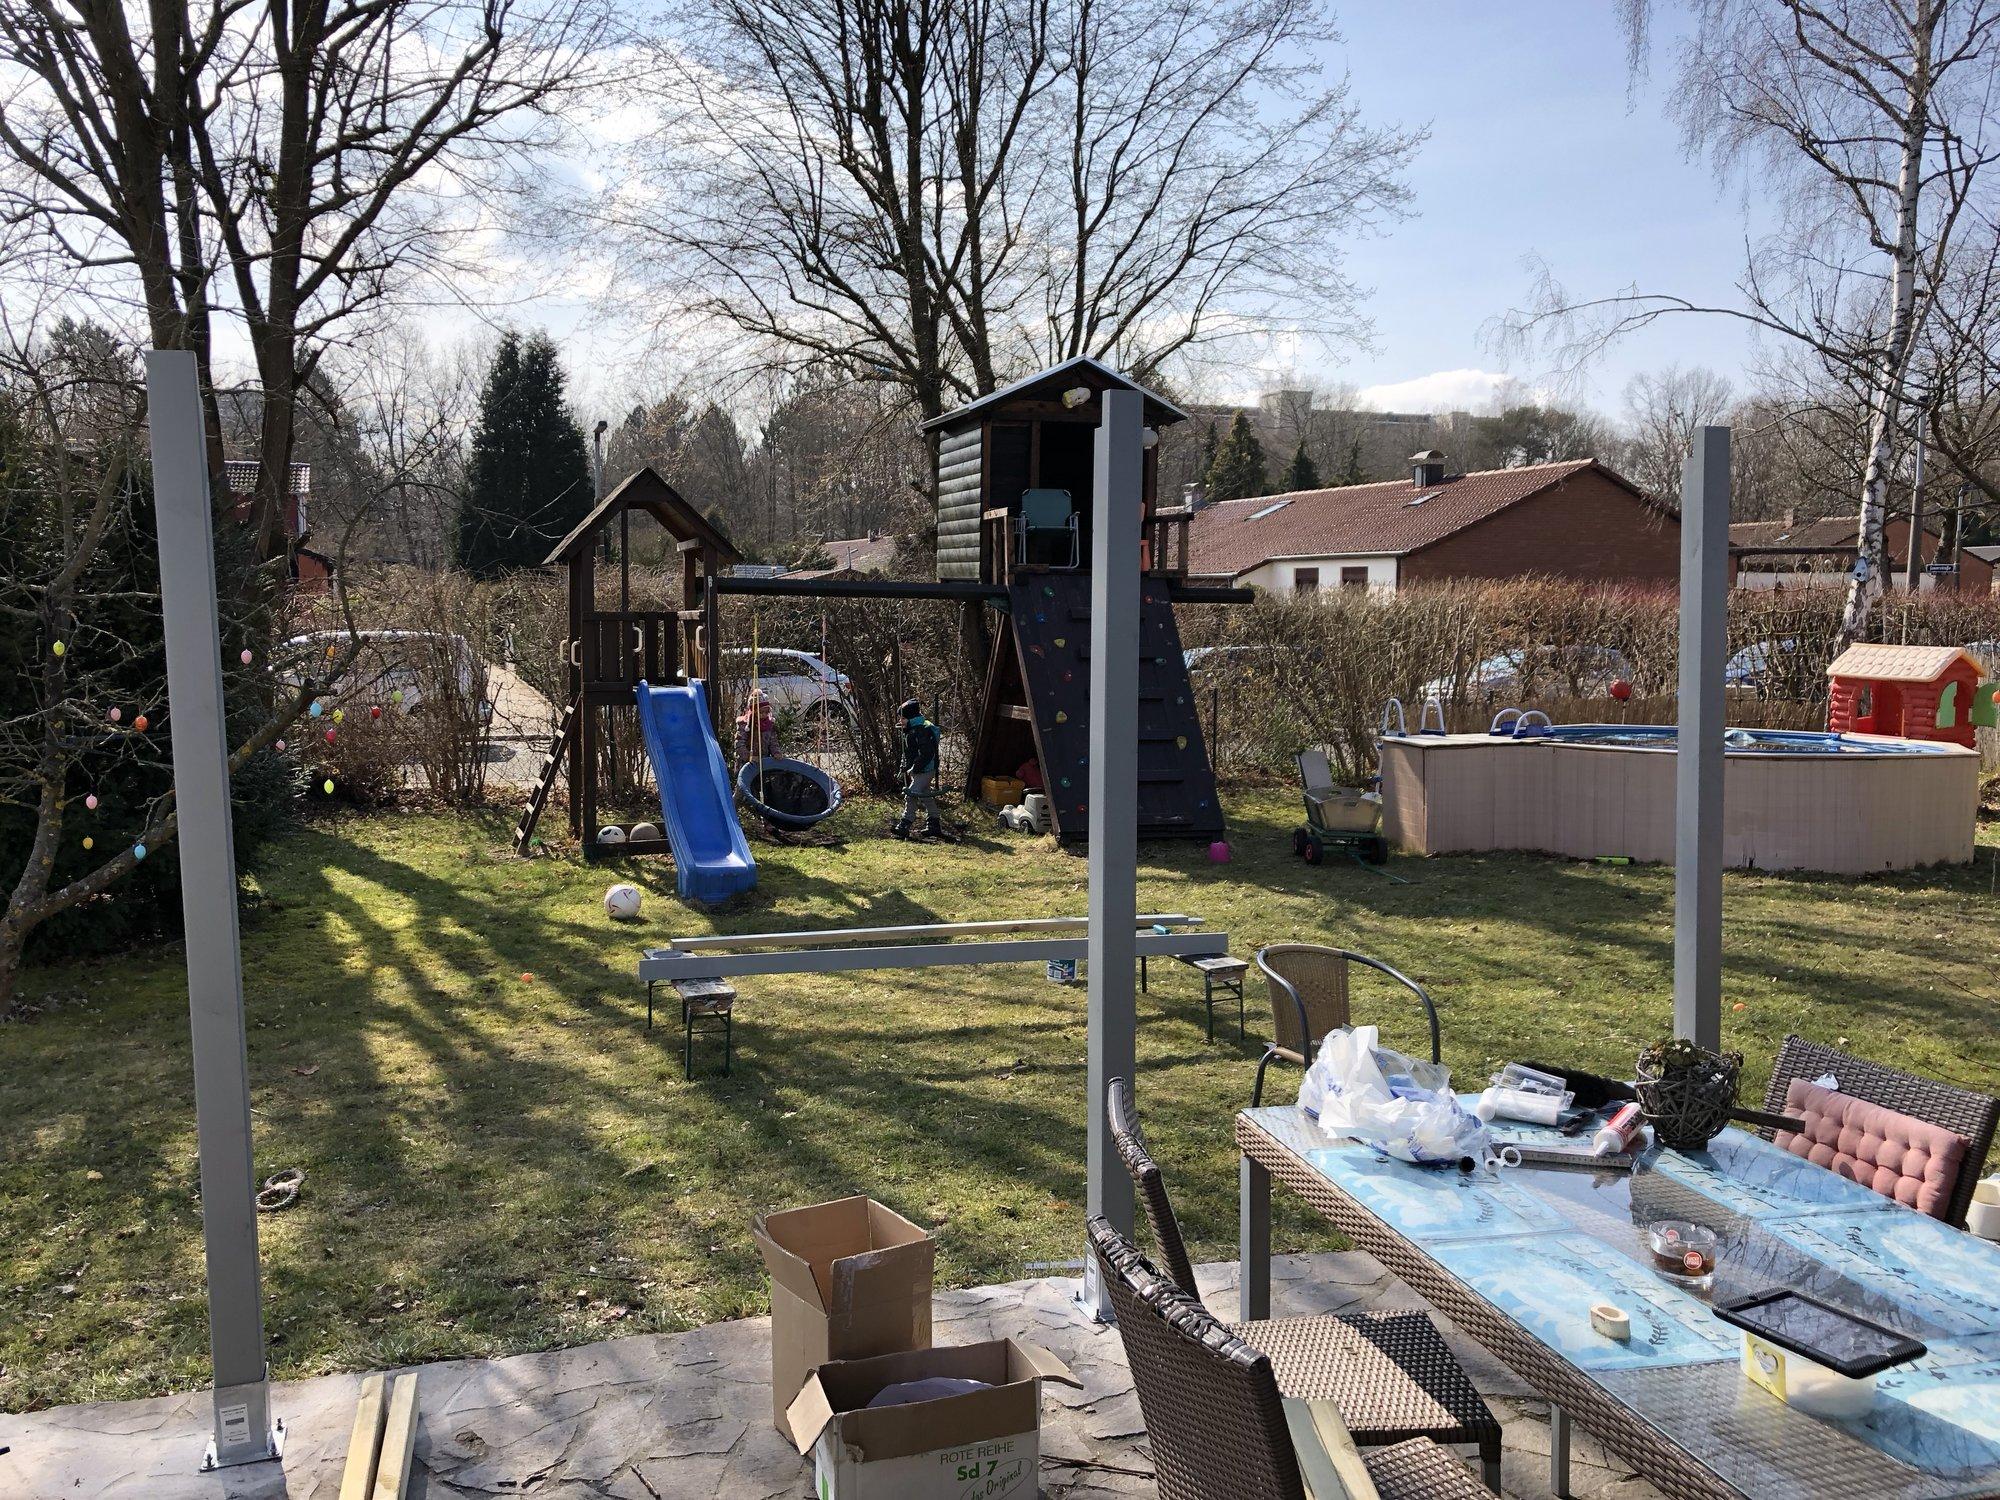 Outdoorküche Deko Dapur : Grillstandüberdachung und dann outdoorküche viele bilder